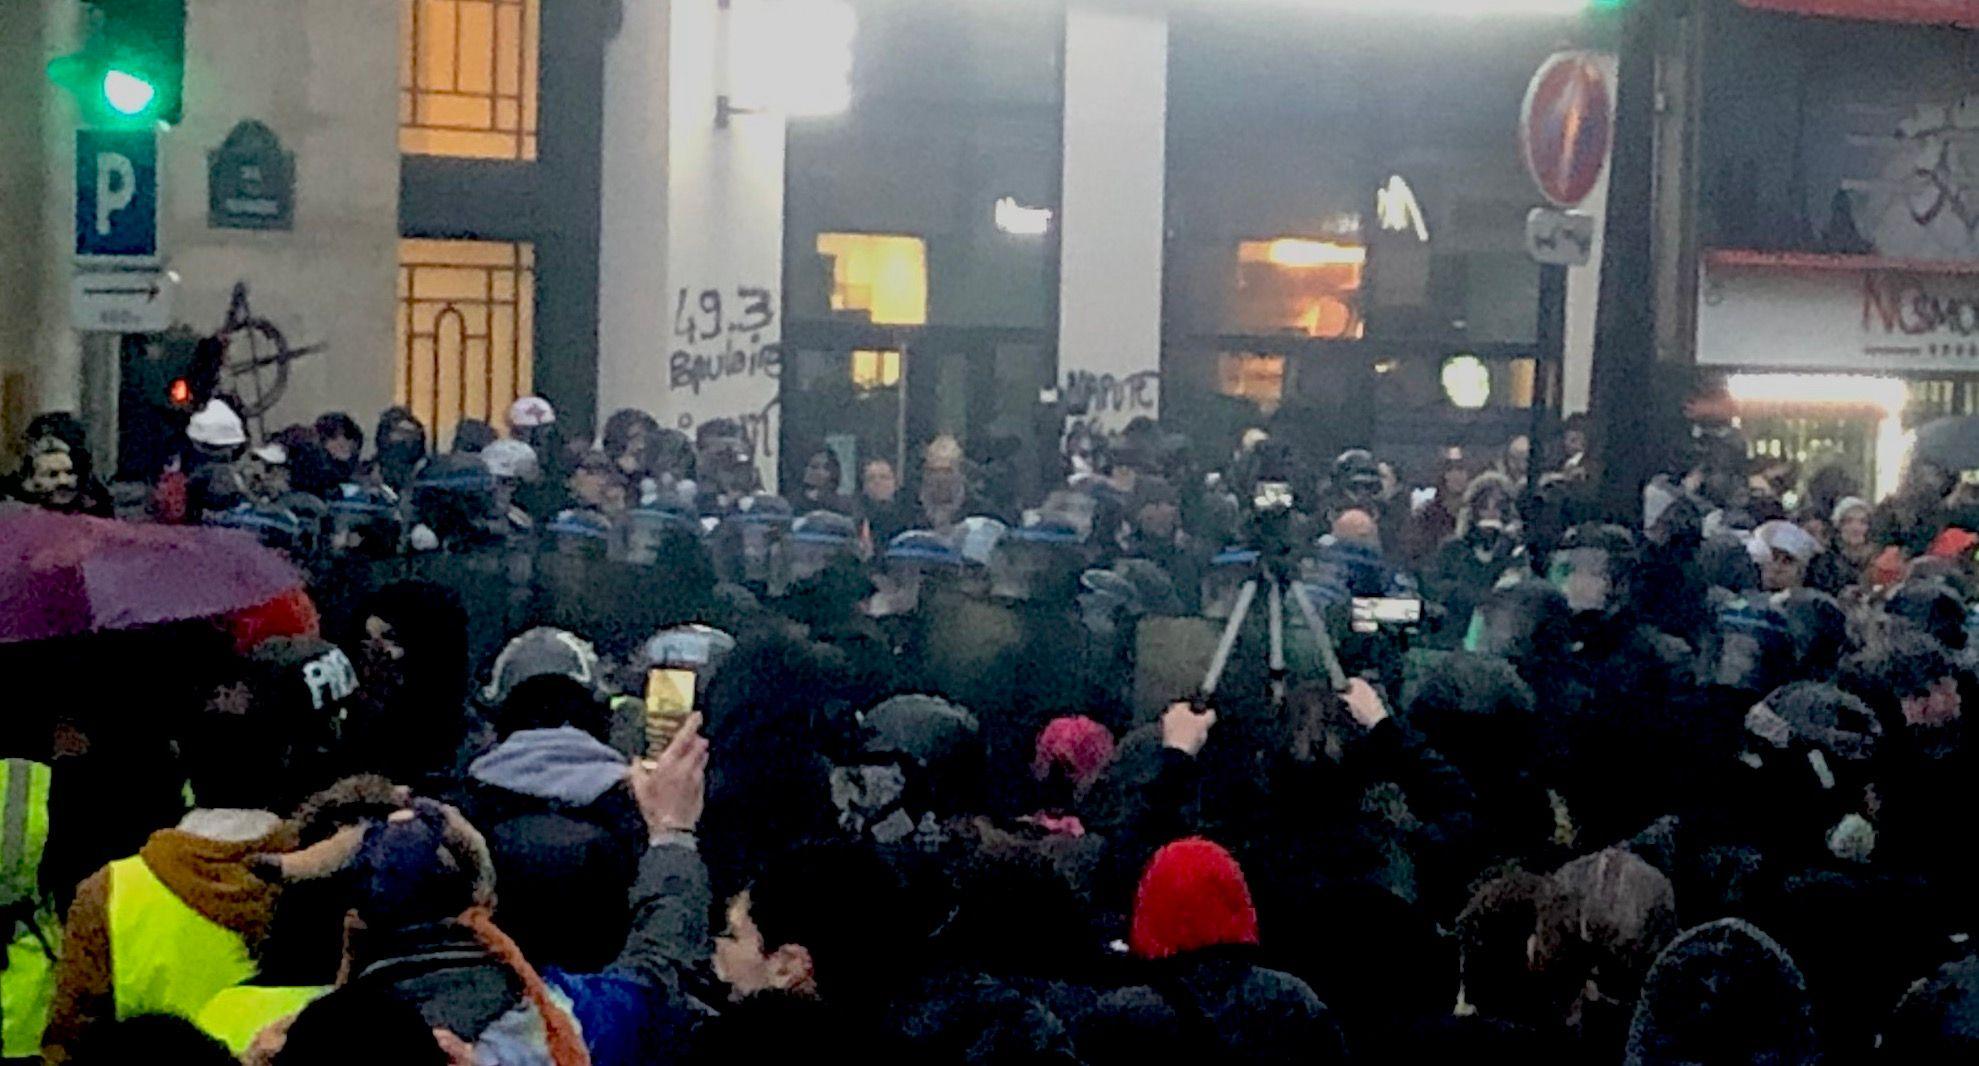 La manifestation du 9 janvier a été beaucoup plus violente que les médias n'ont pu le raconter